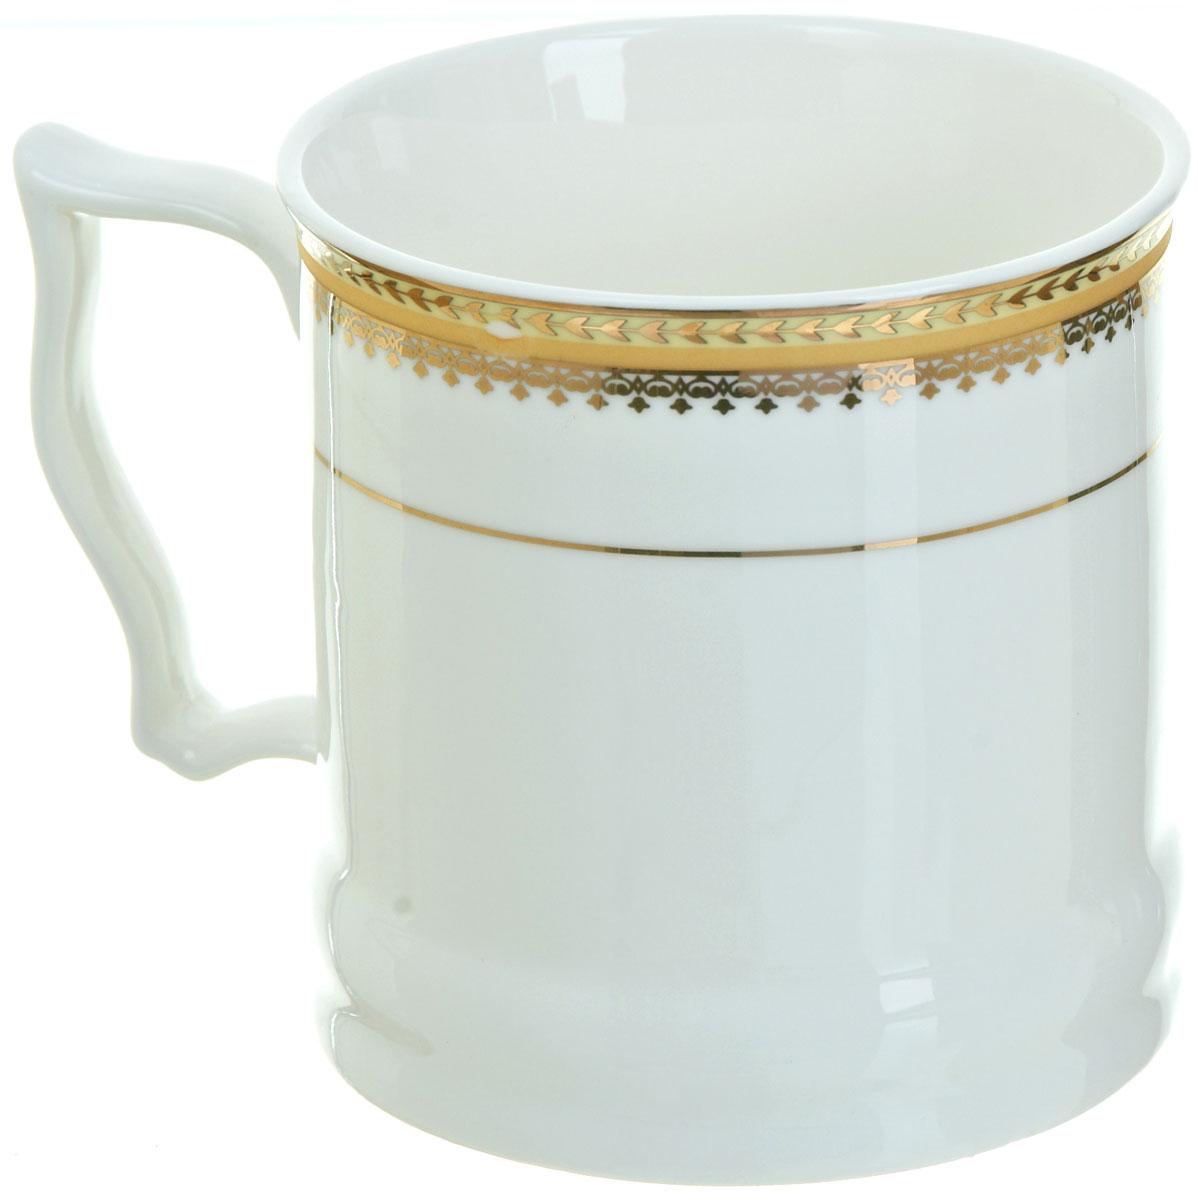 Кружка BHP Королевская кружка, 500 мл. M1870009M1870009Оригинальная кружка Best Home Porcelain, выполненная из высококачественного фарфора, сочетает в себе простой, утонченный дизайн с максимальной функциональностью. Можно использовать в посудомоечной машине.